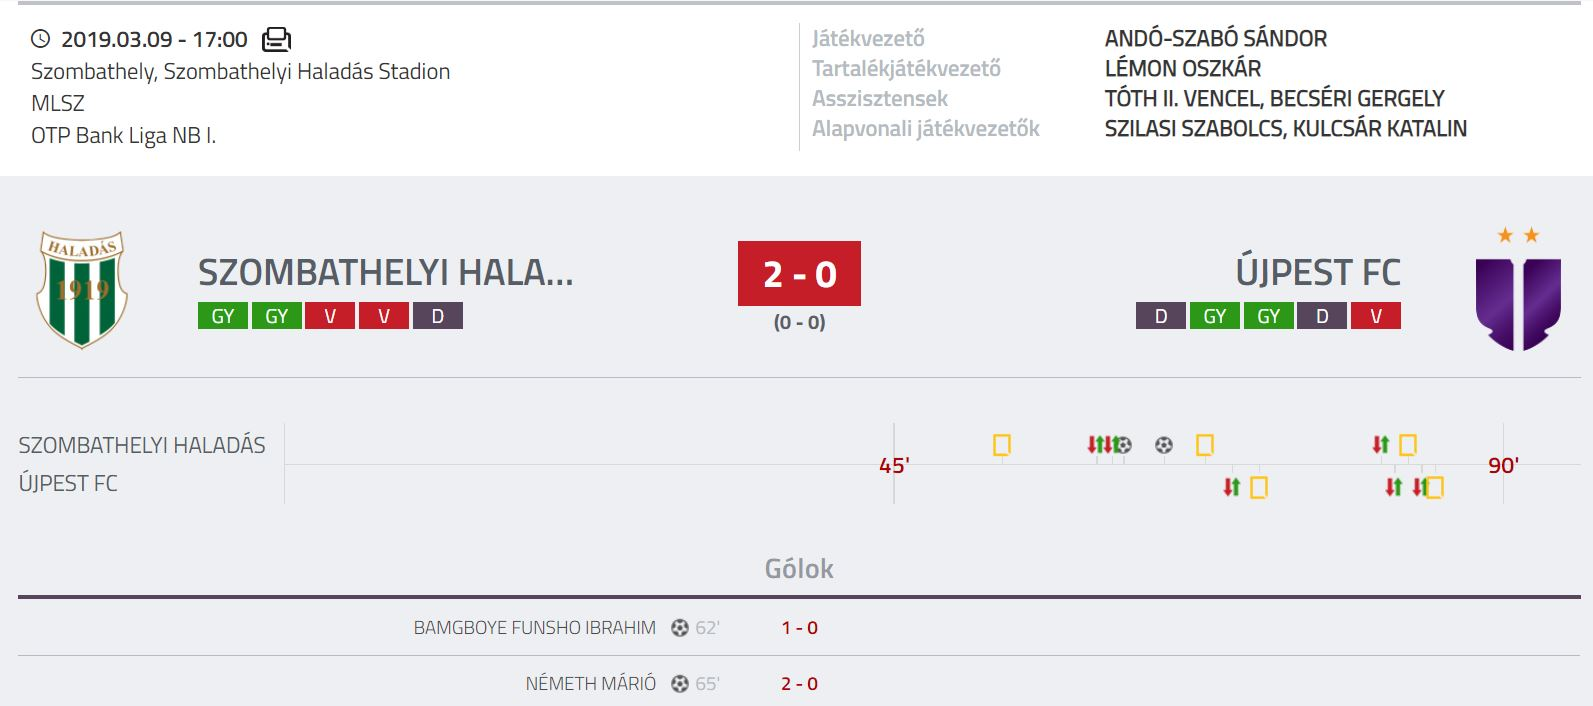 Haladás hibás eredmény - forrás: adatbank.mlsz.hu